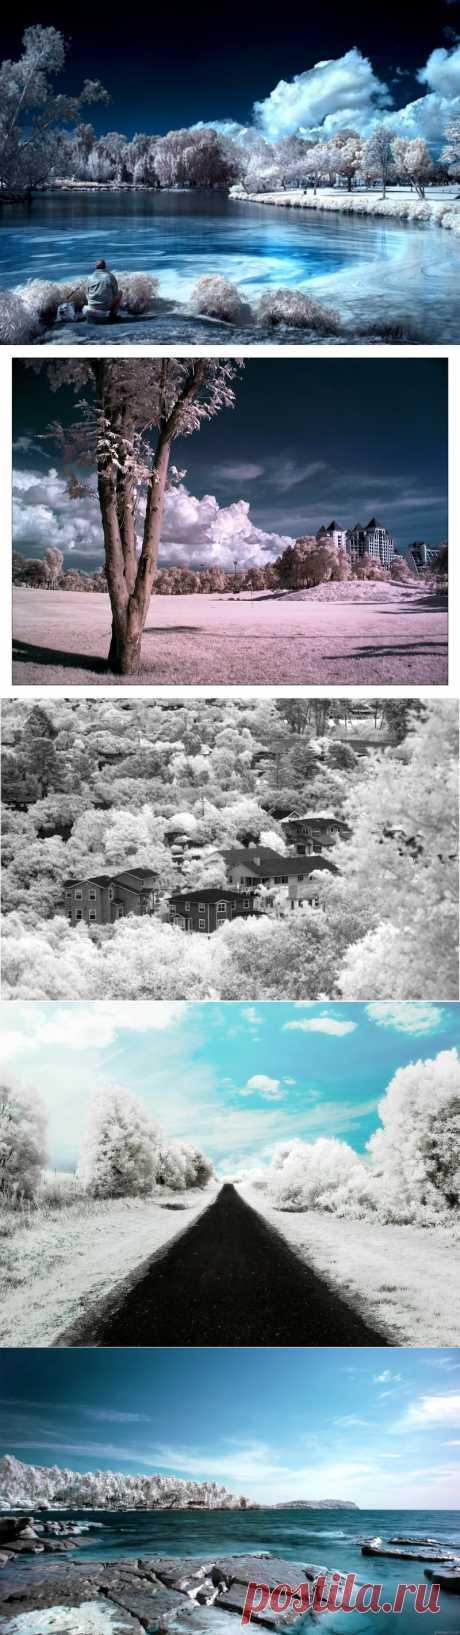 Инфракрасная фотография • НОВОСТИ В ФОТОГРАФИЯХ